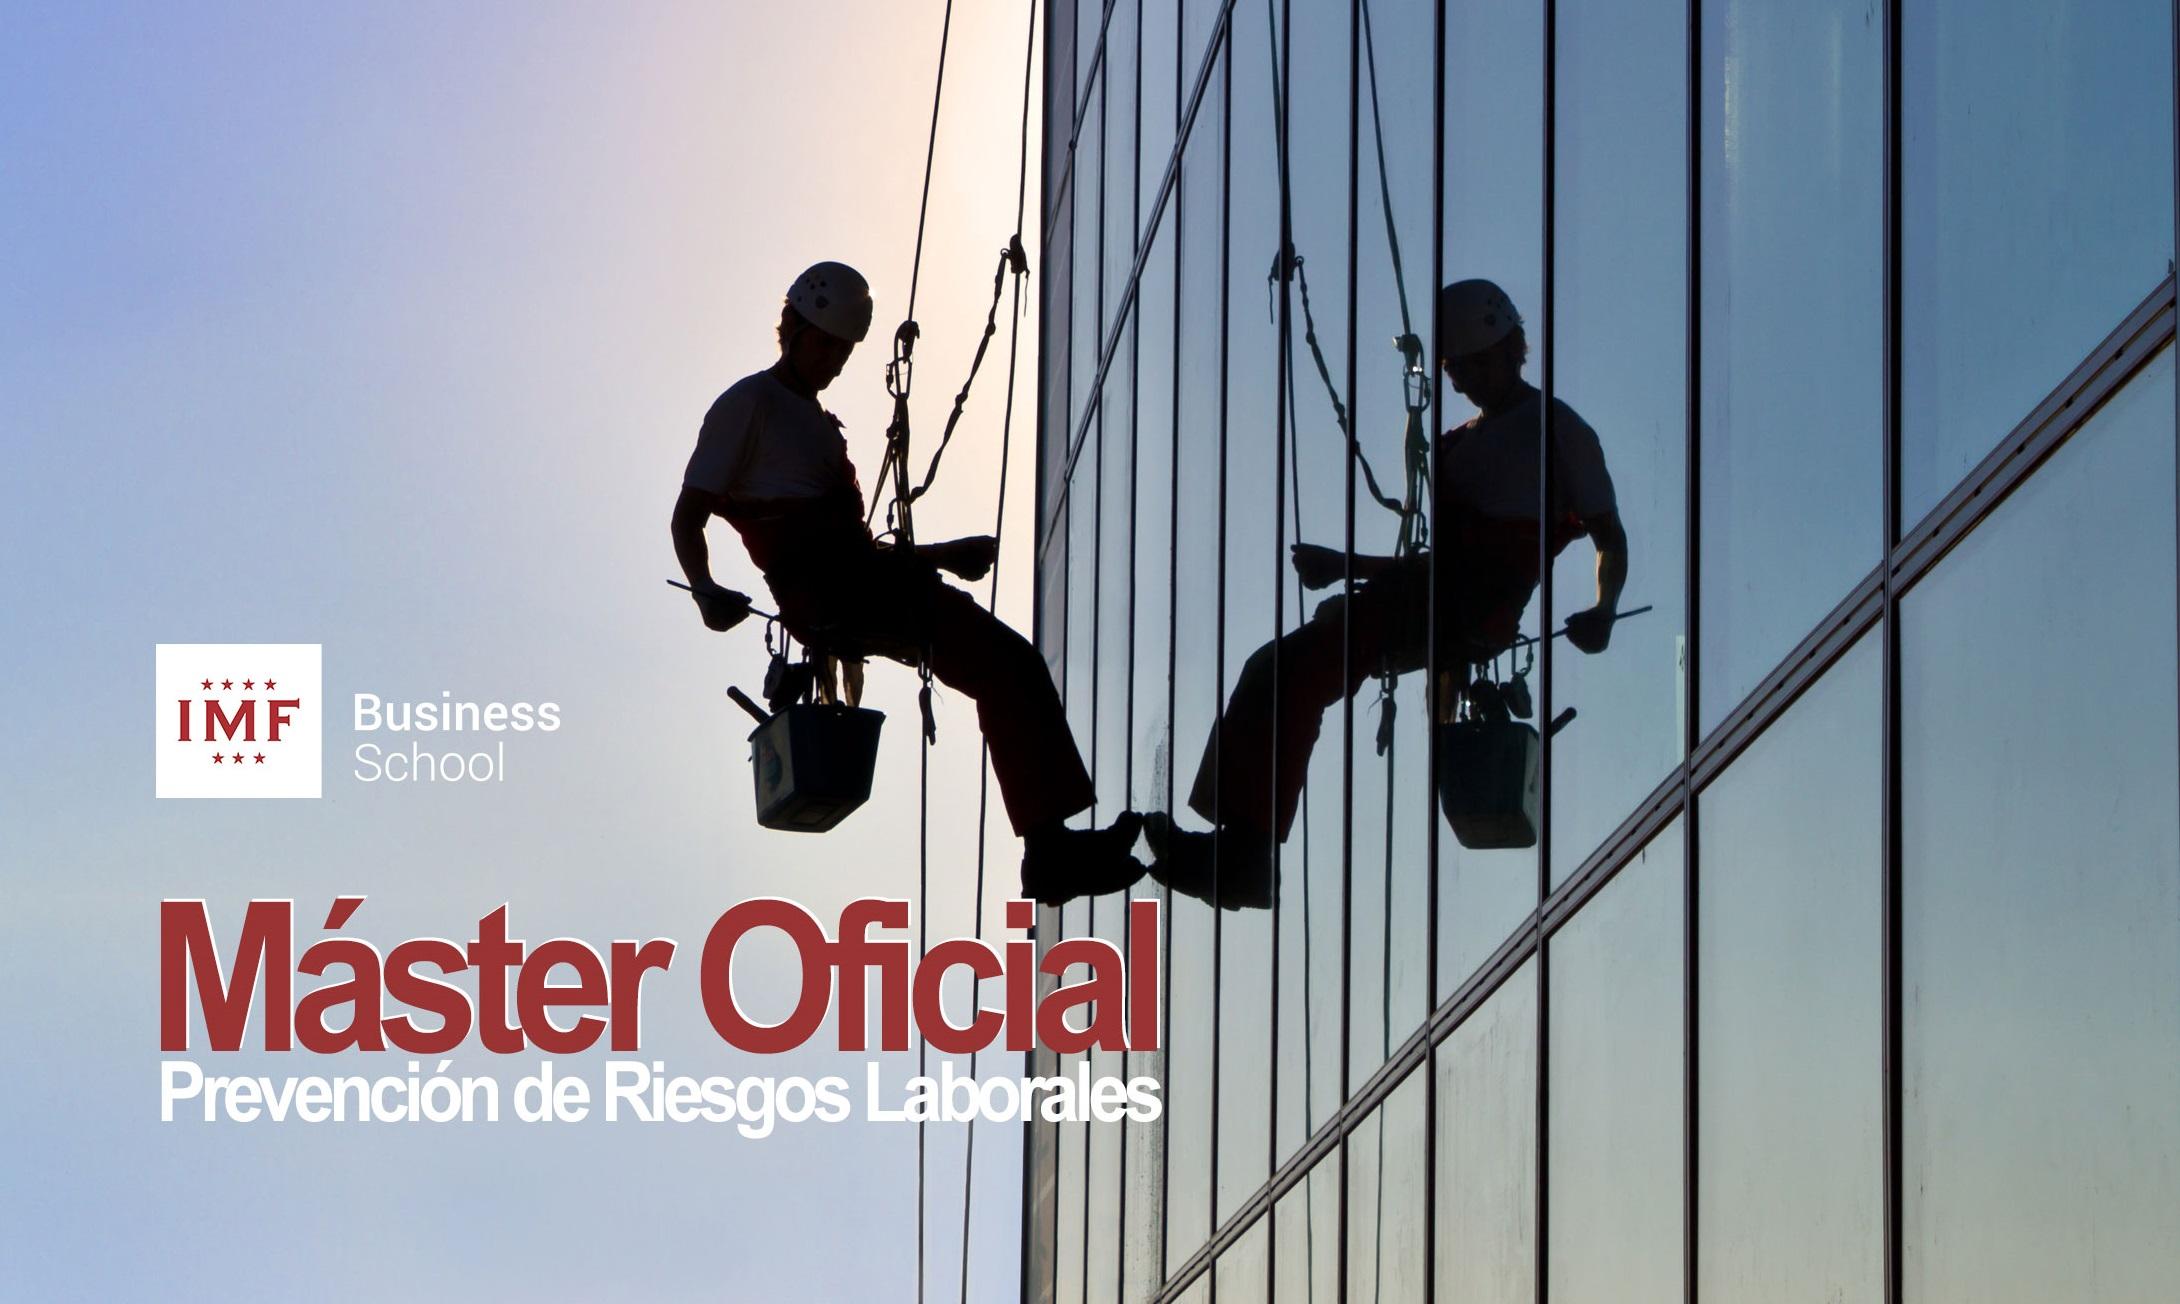 Master Oficial PRL - Prevención de Riesgos Laborales